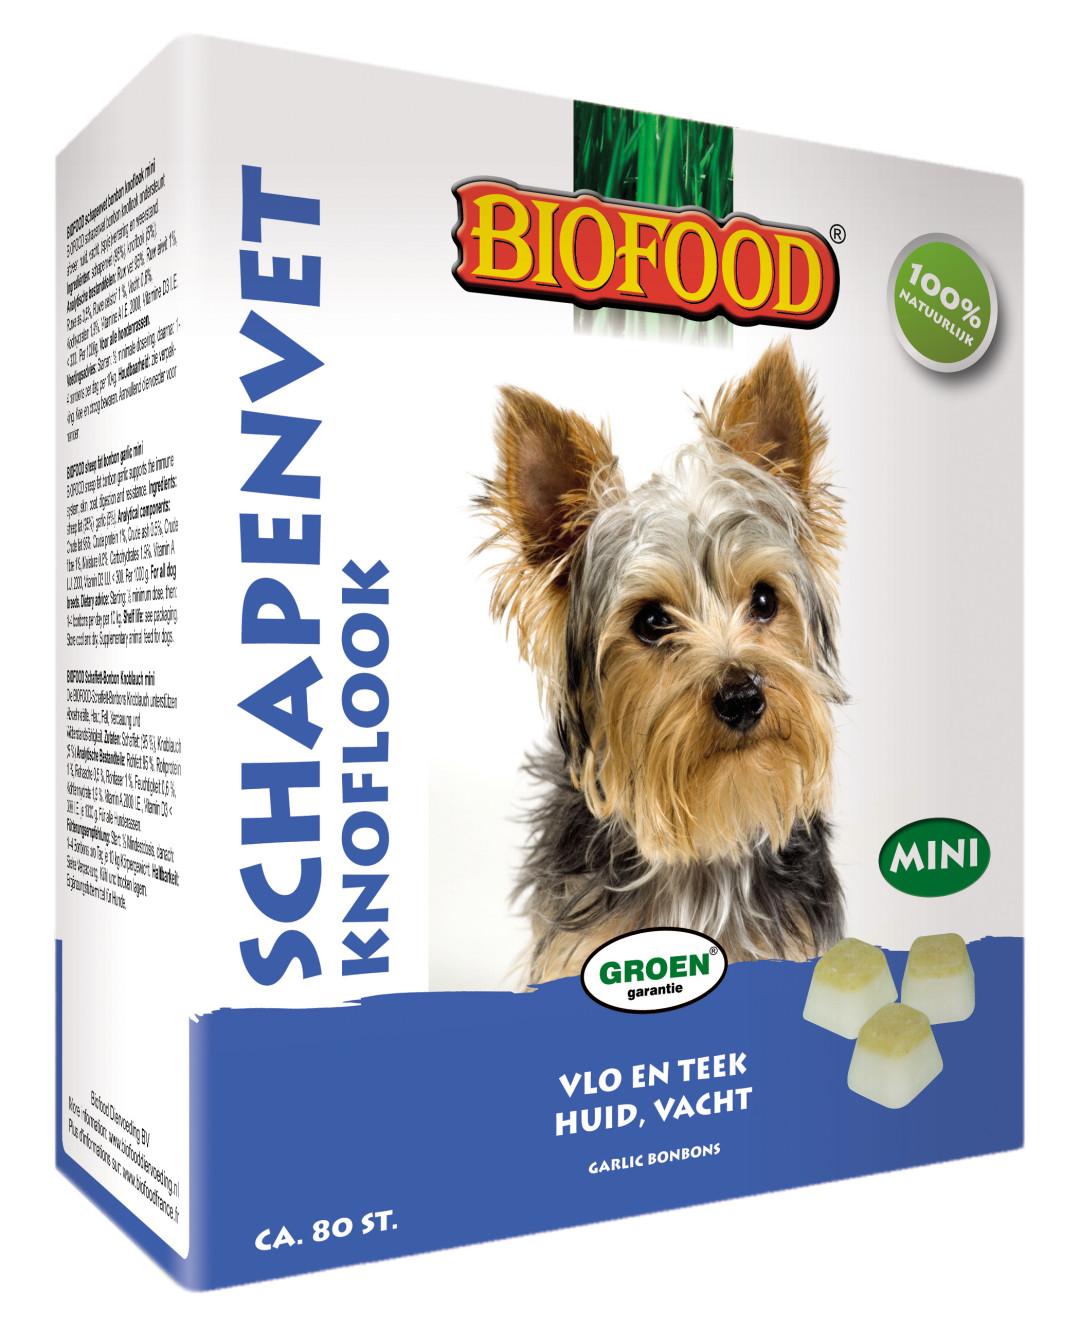 Biofood Schapenvet Knoflook 80 st (mini)